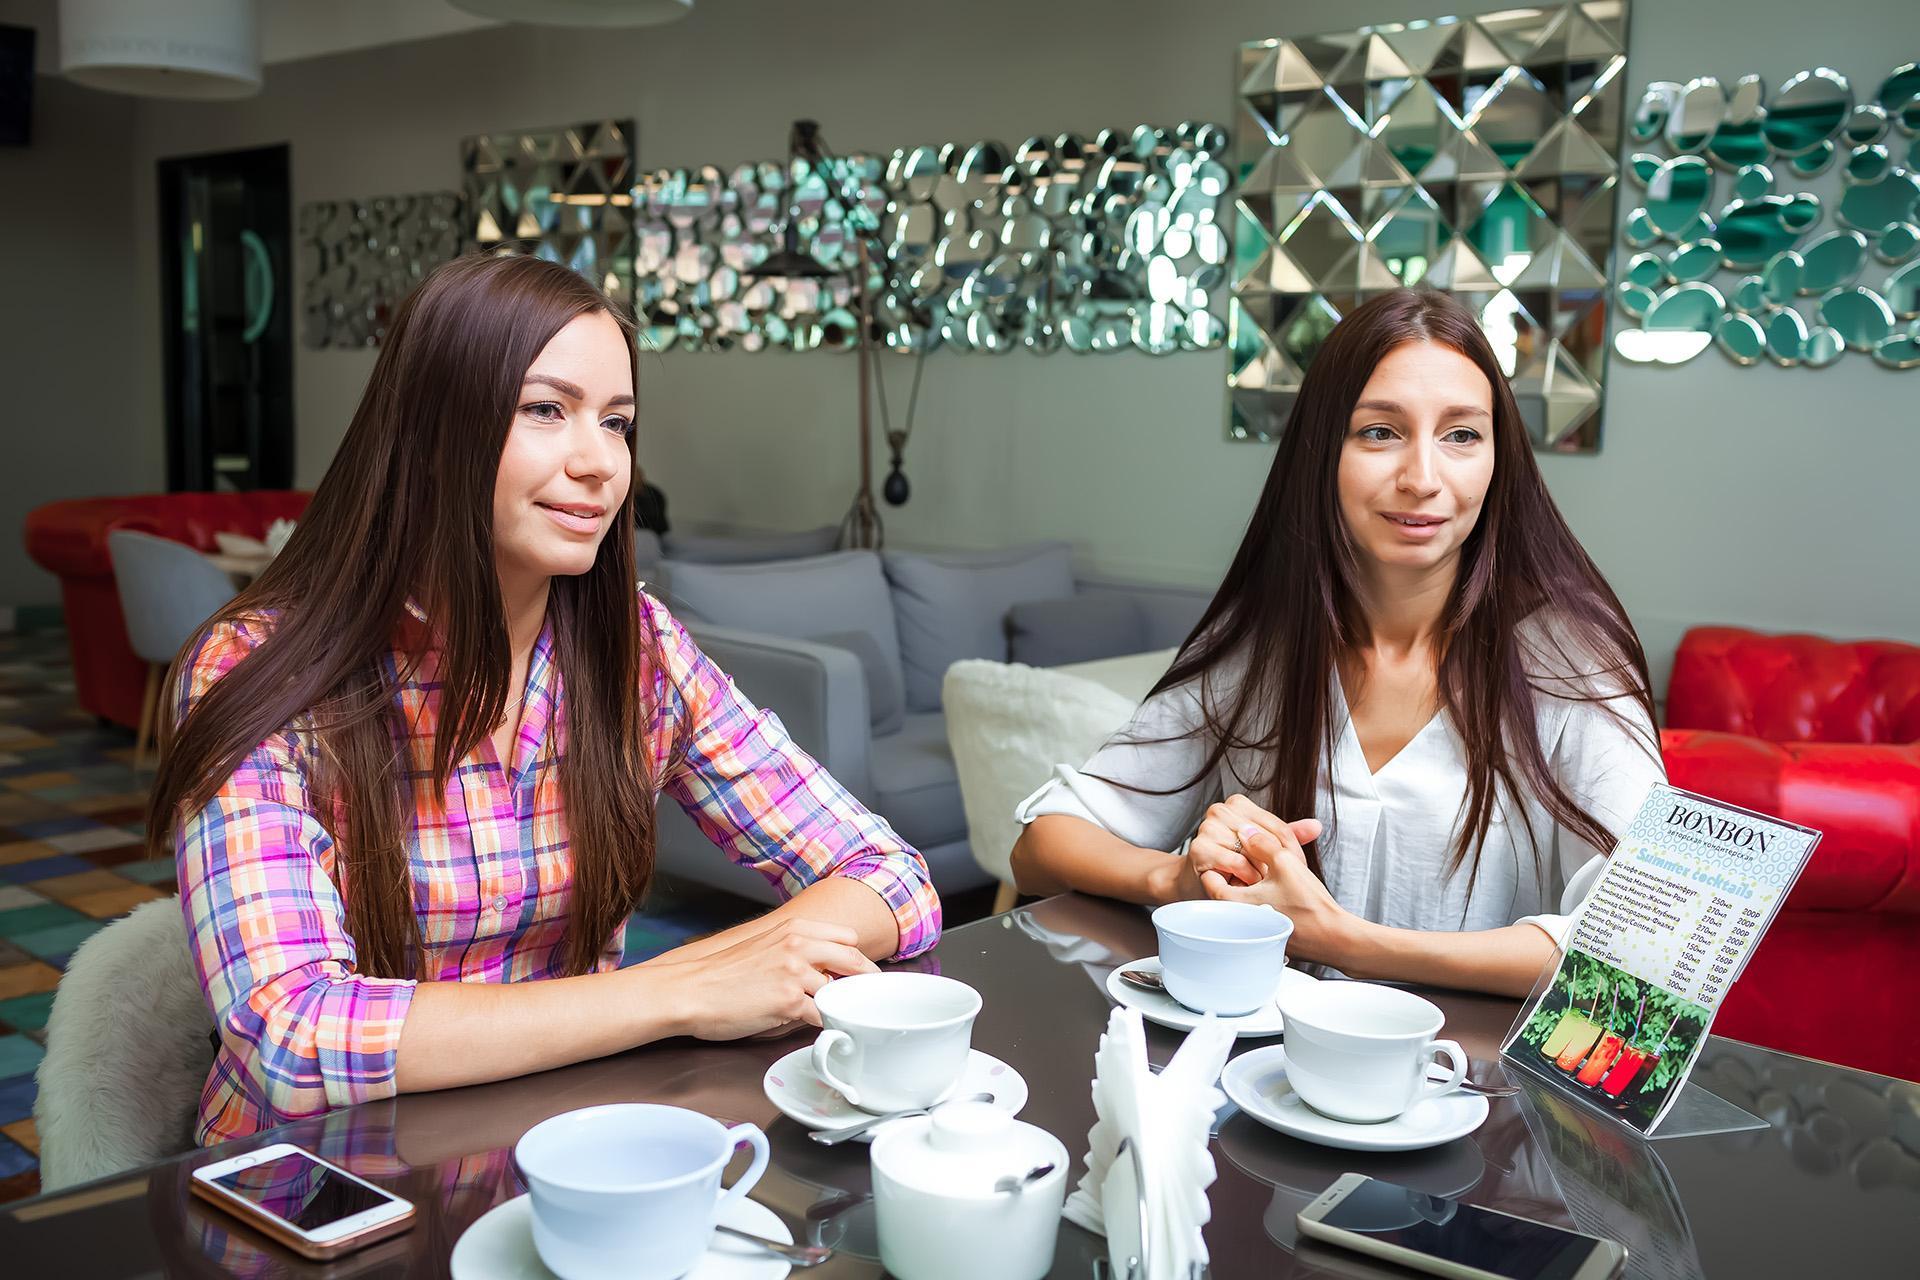 Марина (слева) согласилась делать бизиборды, будучи на девятом месяце беременности